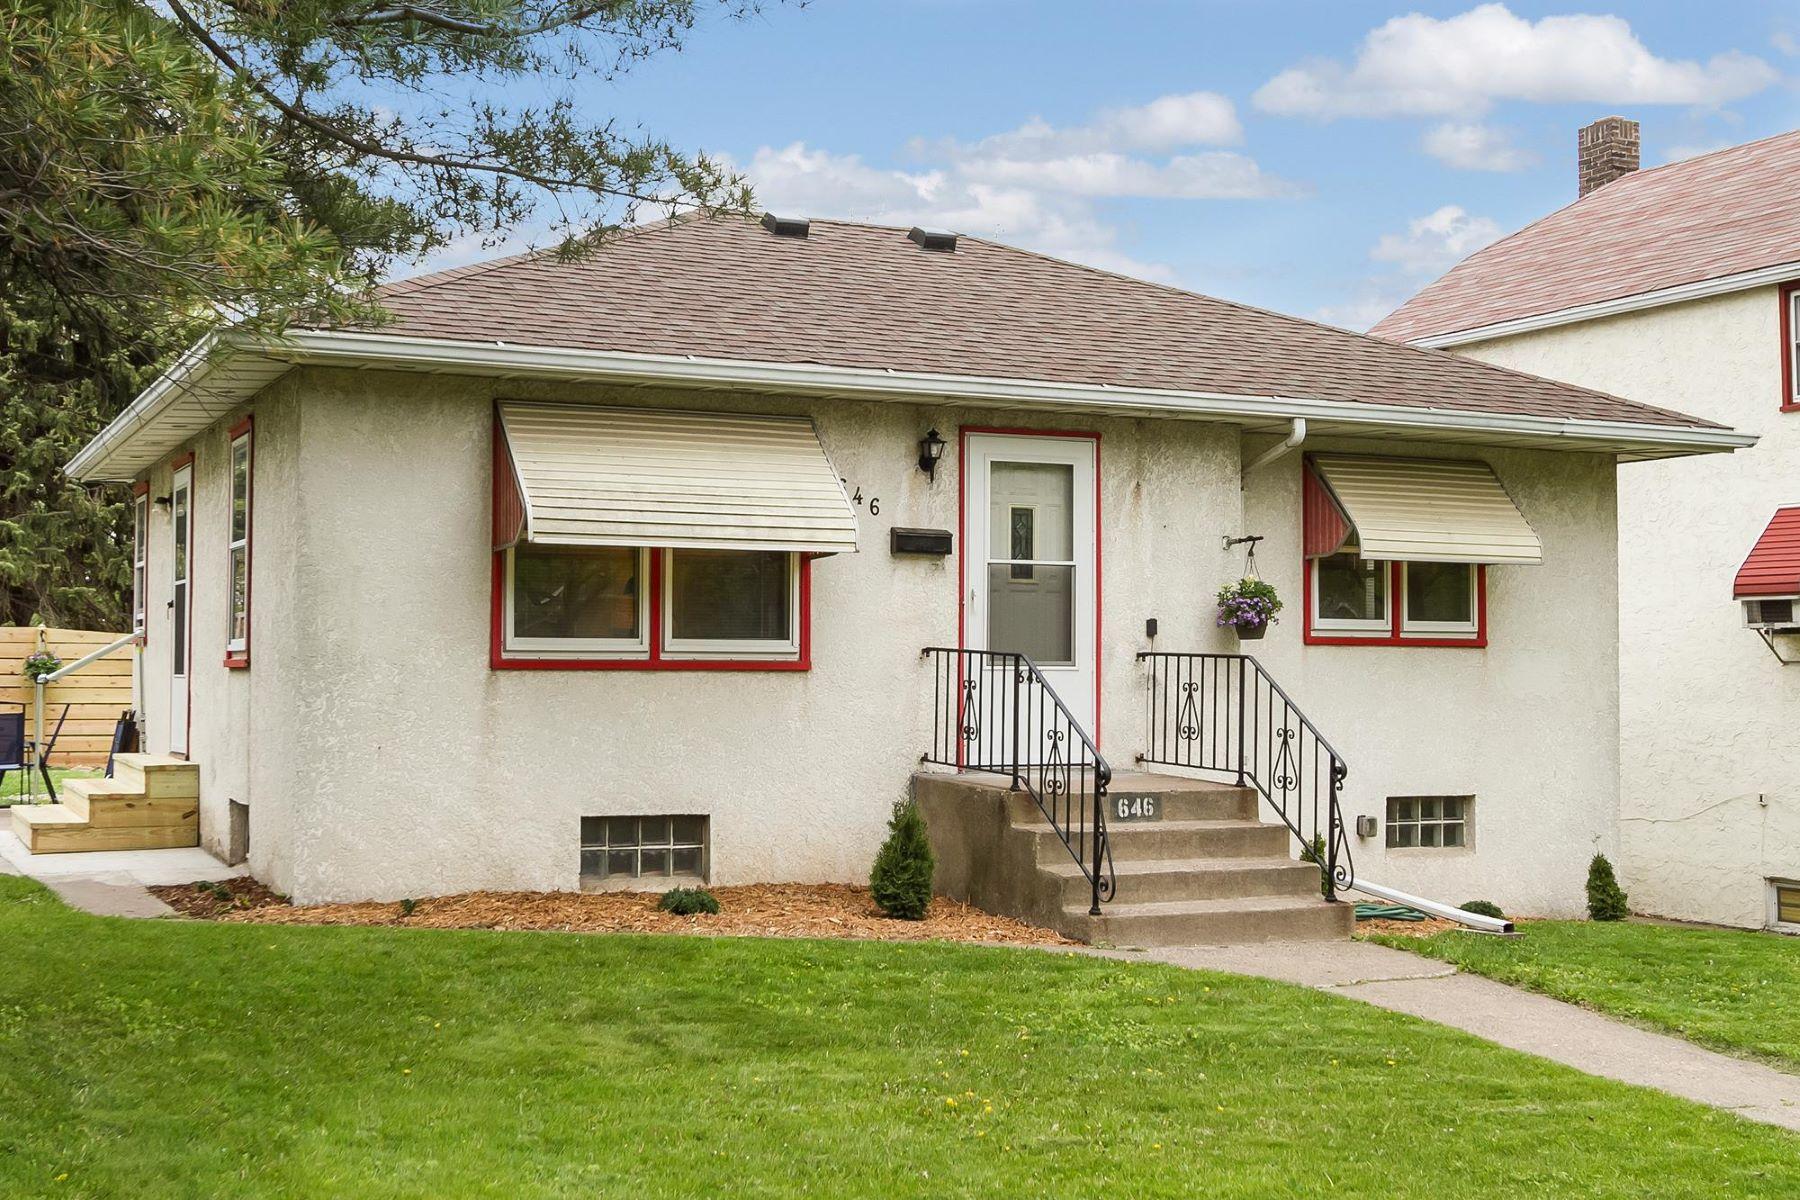 Maison unifamiliale pour l Vente à 646 Lexington Parkway N St. Paul, Minnesota, 55104 États-Unis